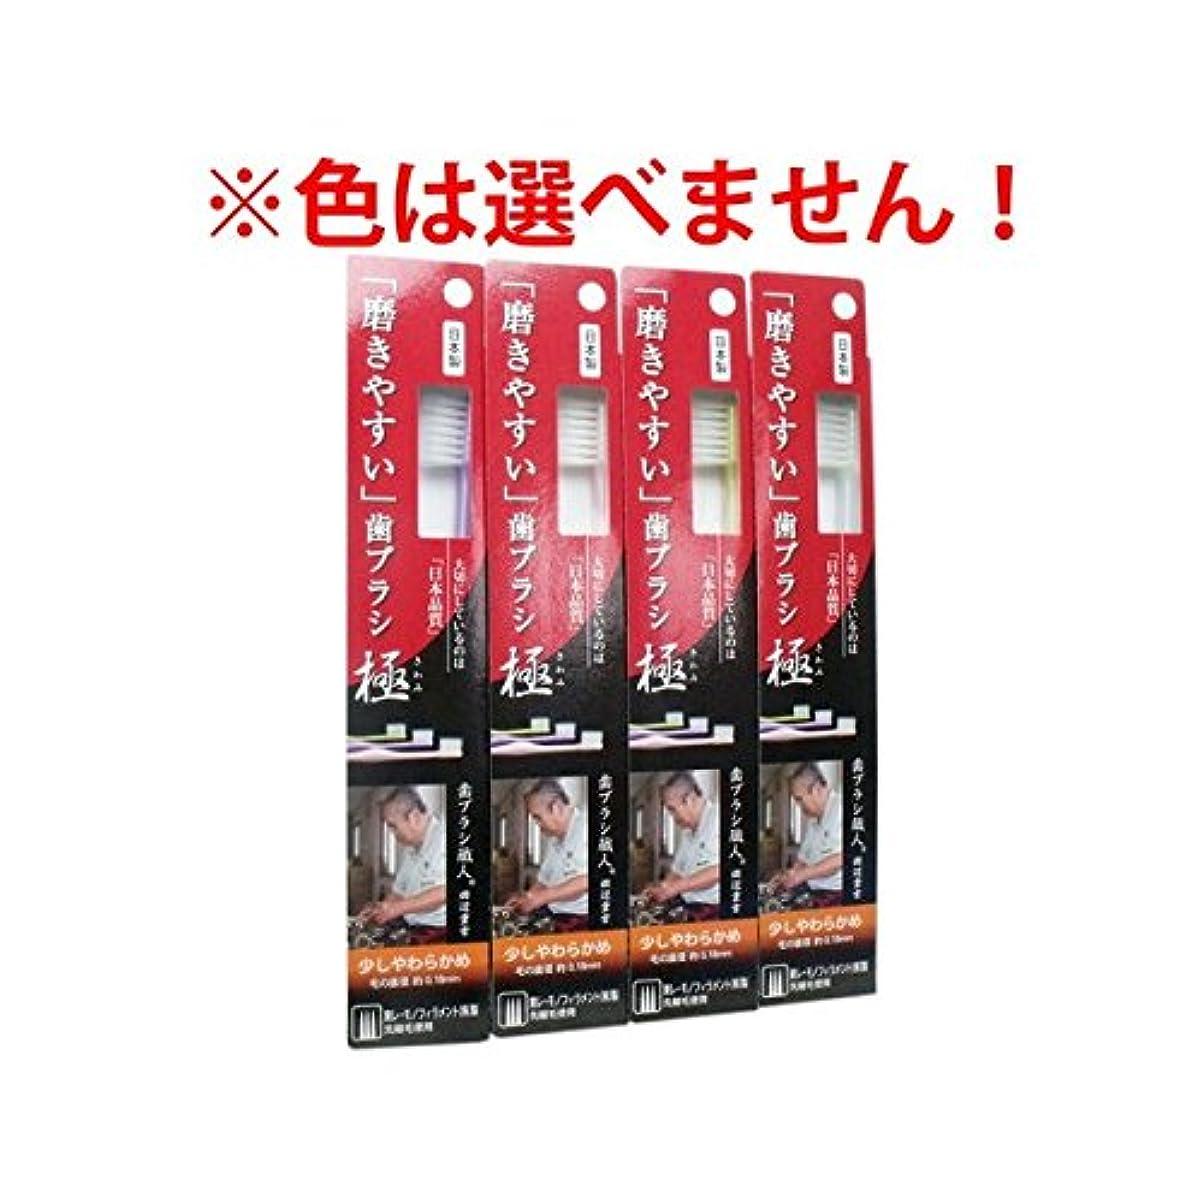 まつげ集団的大声でライフレンジ 磨きやすい歯ブラシ極 1P*12本入り LT-25(少しやわらかめ)